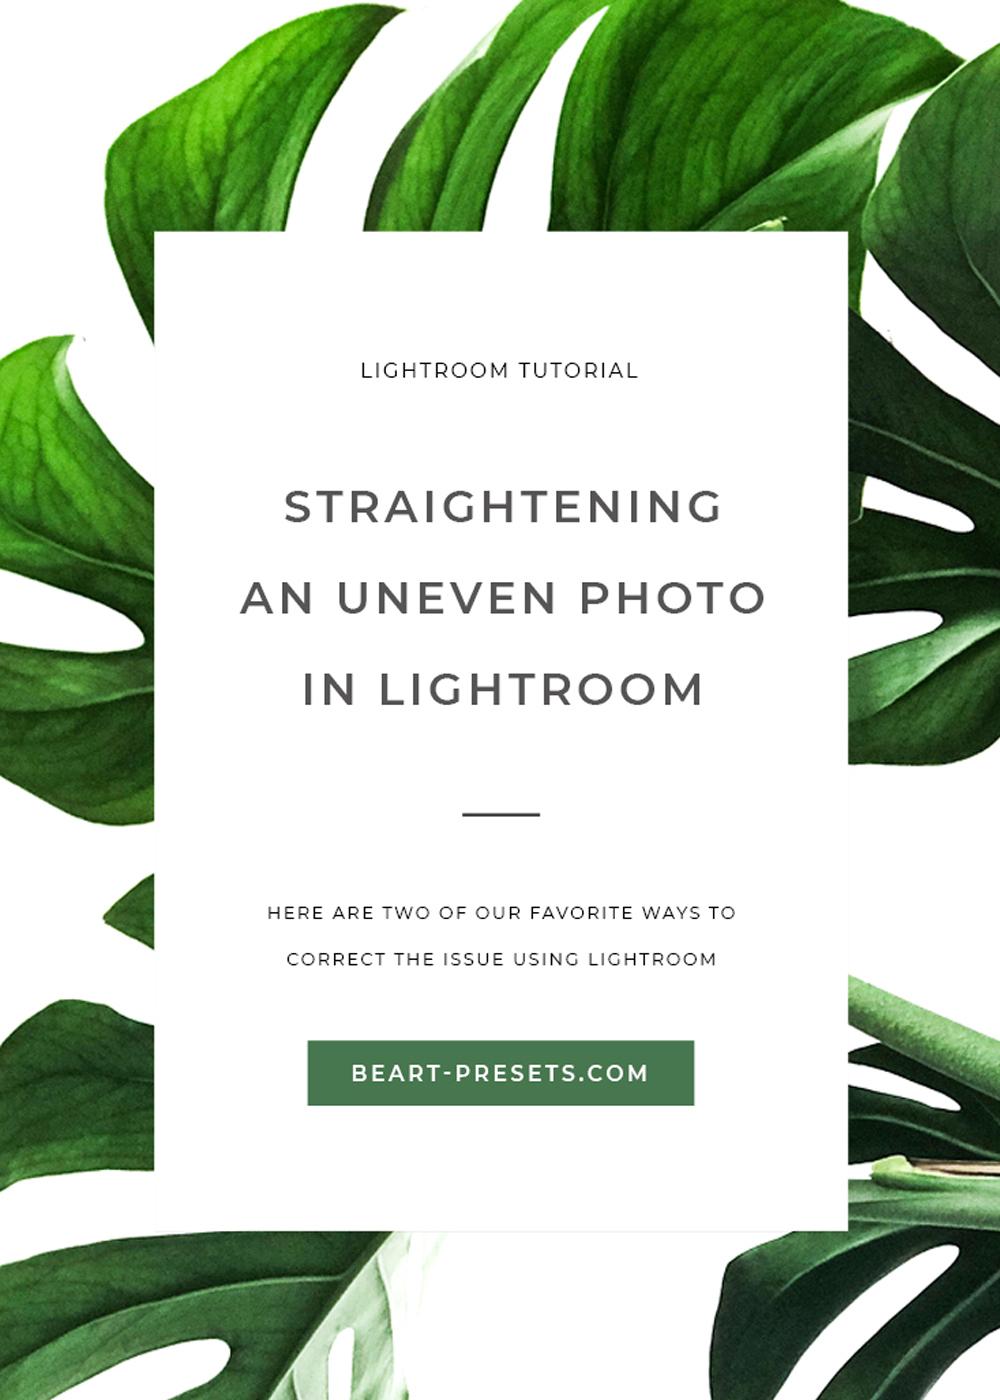 STRAIGHTENING AN UNEVEN PHOTO IN LIGHTROOM